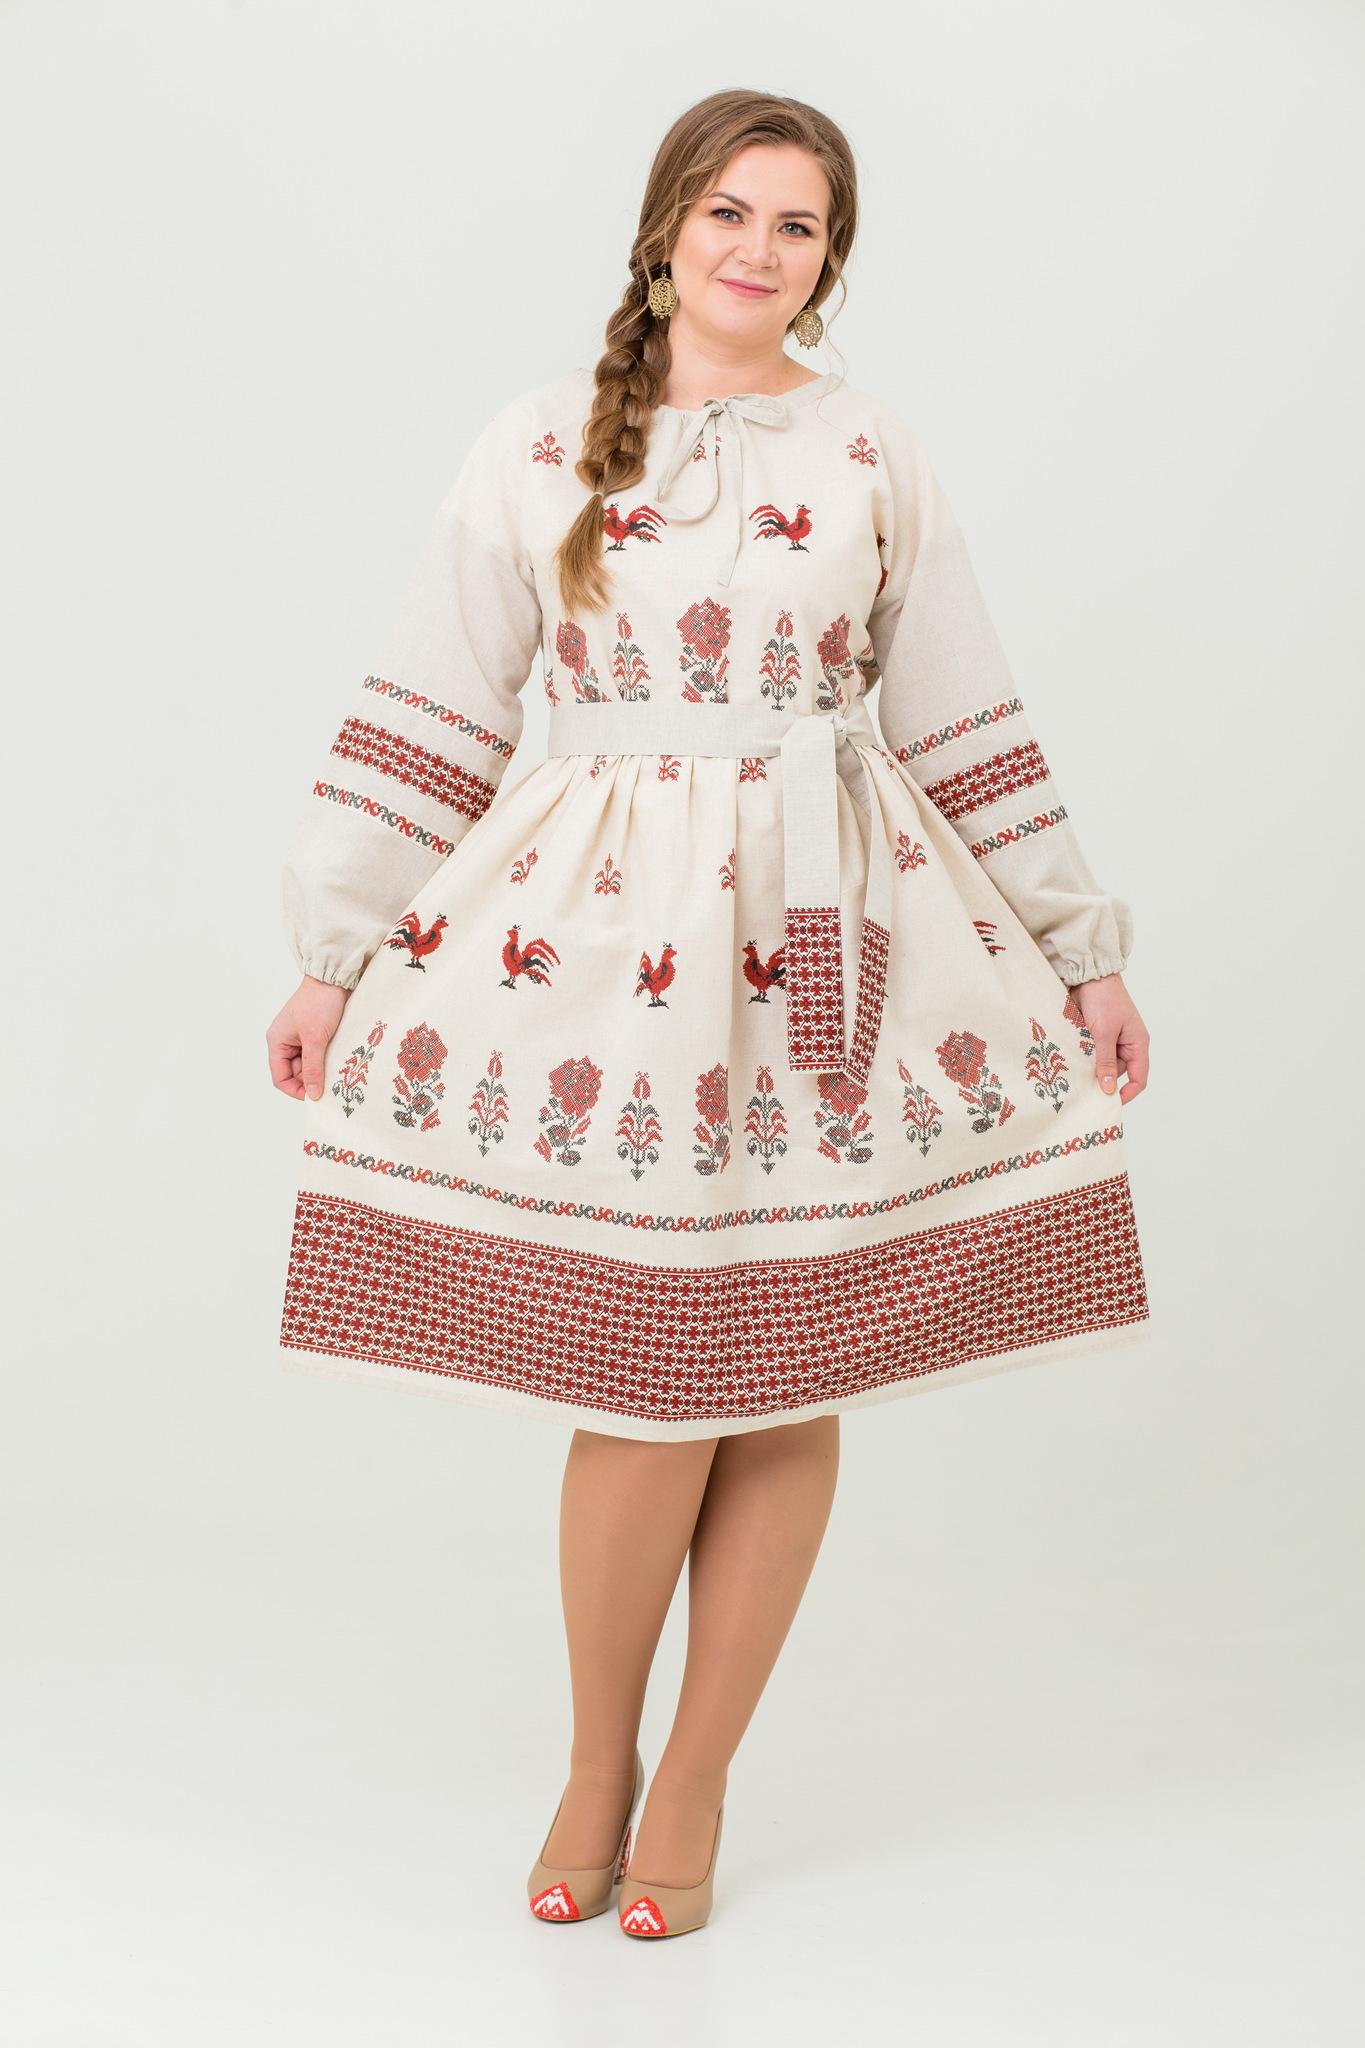 Платье льняное Вестник зари купить